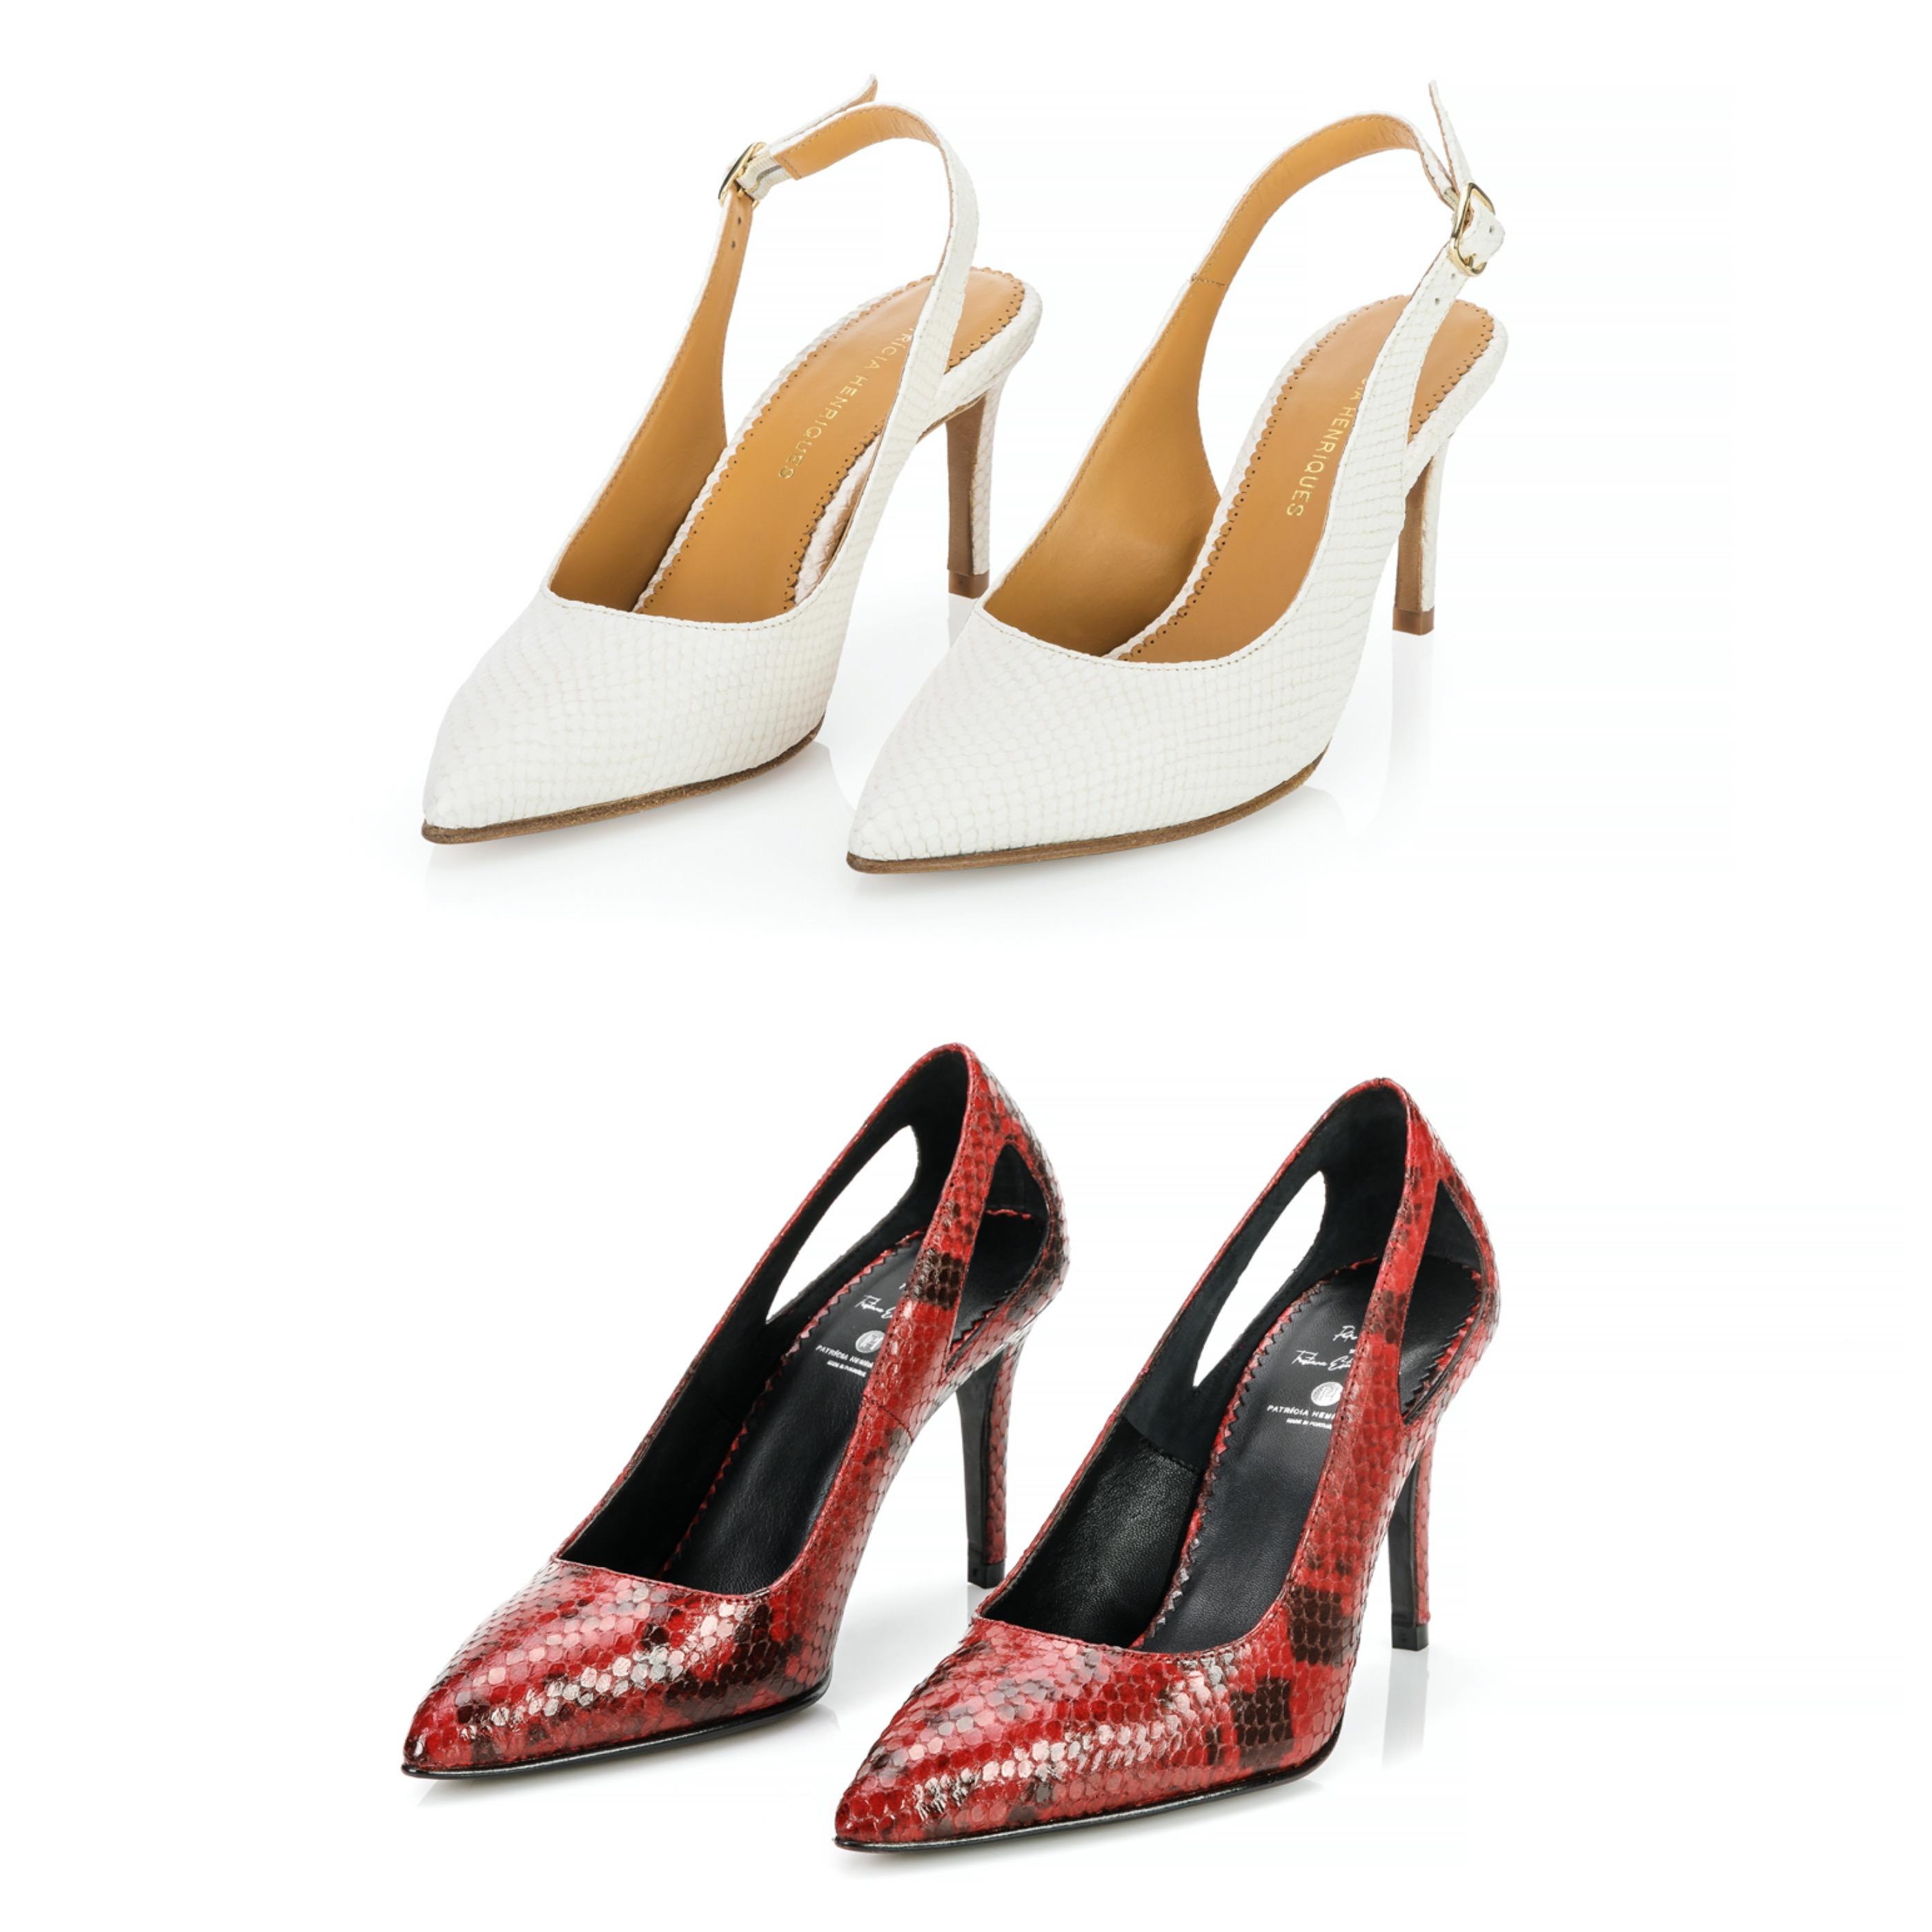 Sugestões de looks para os seus sapatos portugueses – Cosmo e Devil Heels